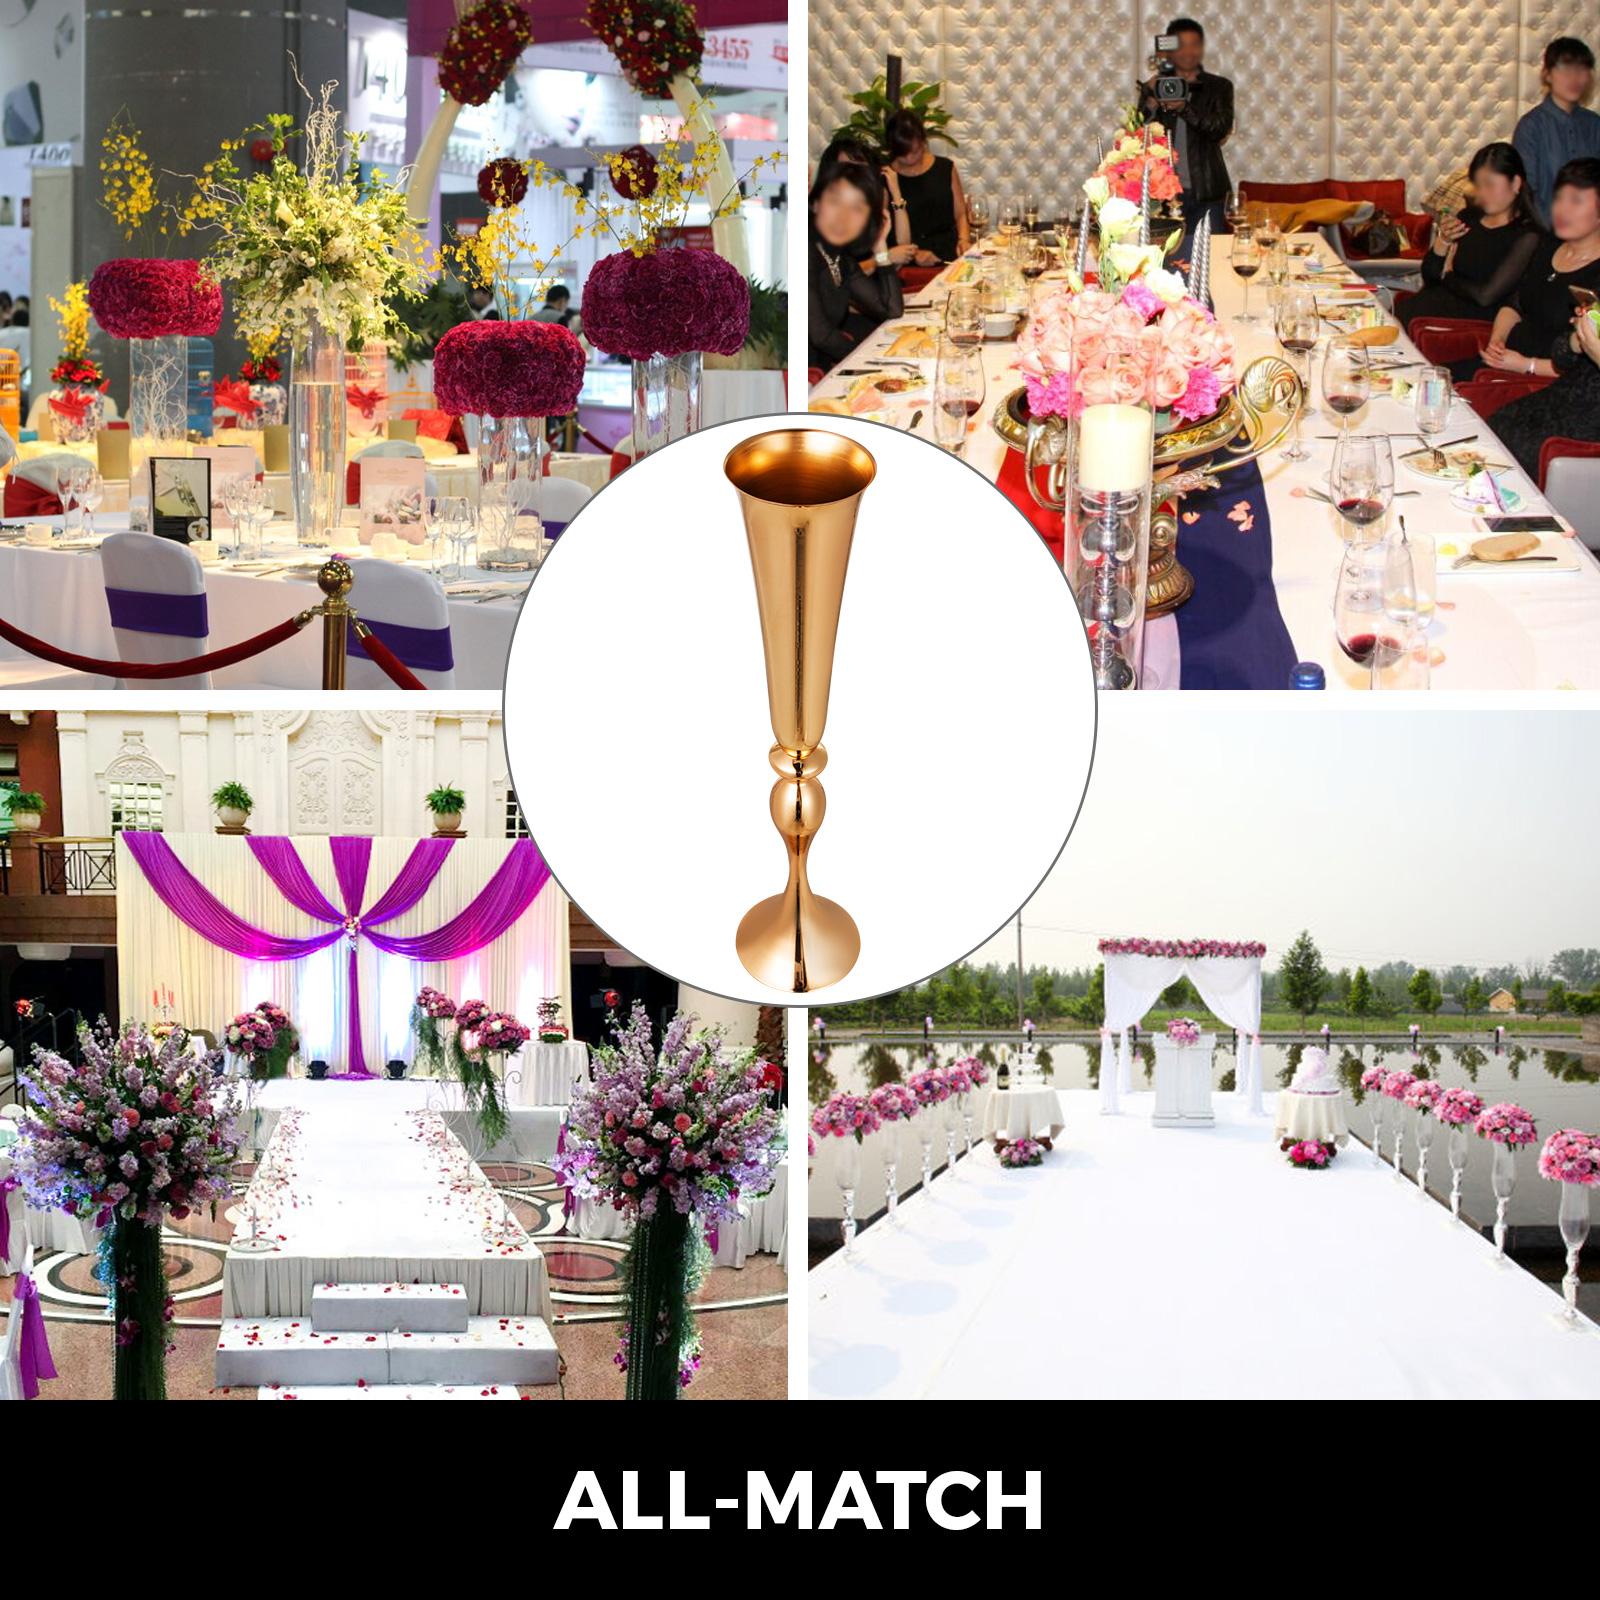 Trumpet-Vase-Flower-Vases-Centerpiece-29-5-034-22-034-for-Party-Celebration-Events thumbnail 55